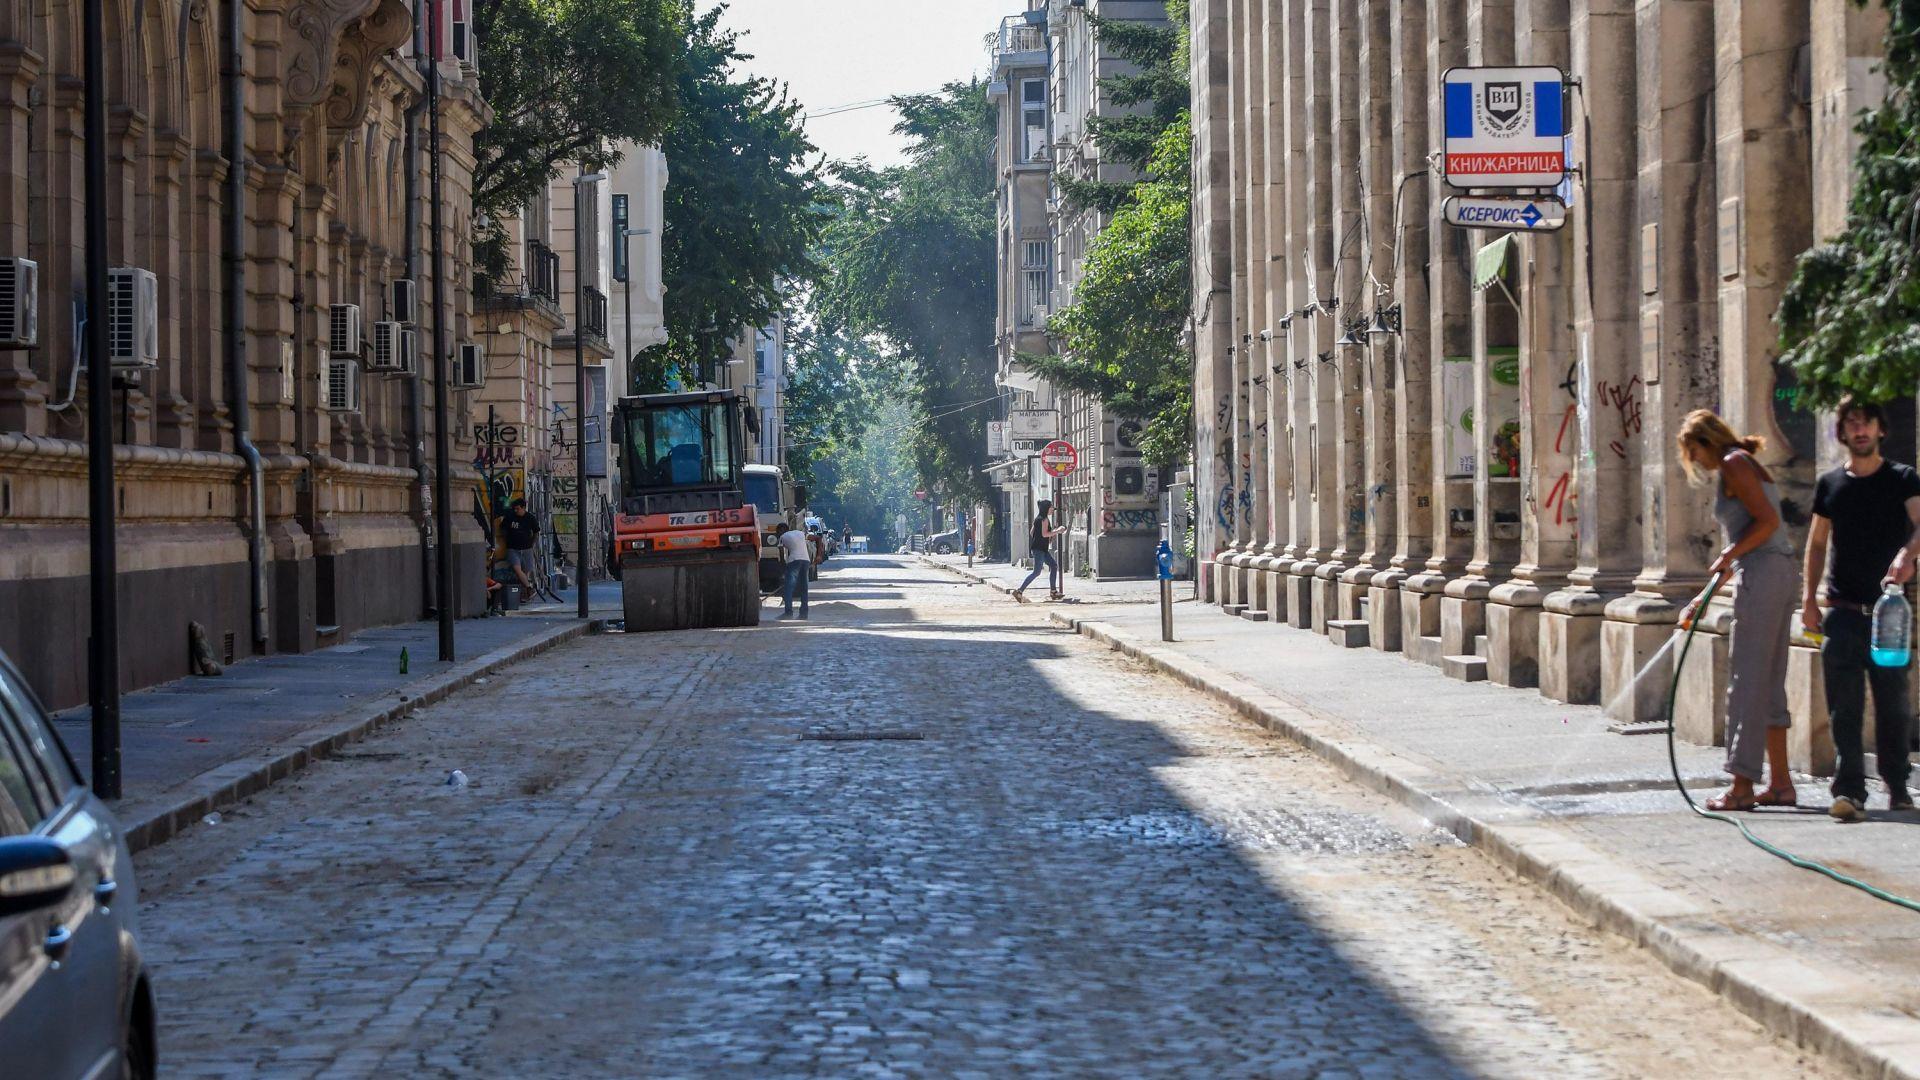 След близо 14-месечен ремонт отвориха централна софийска улица (снимки)